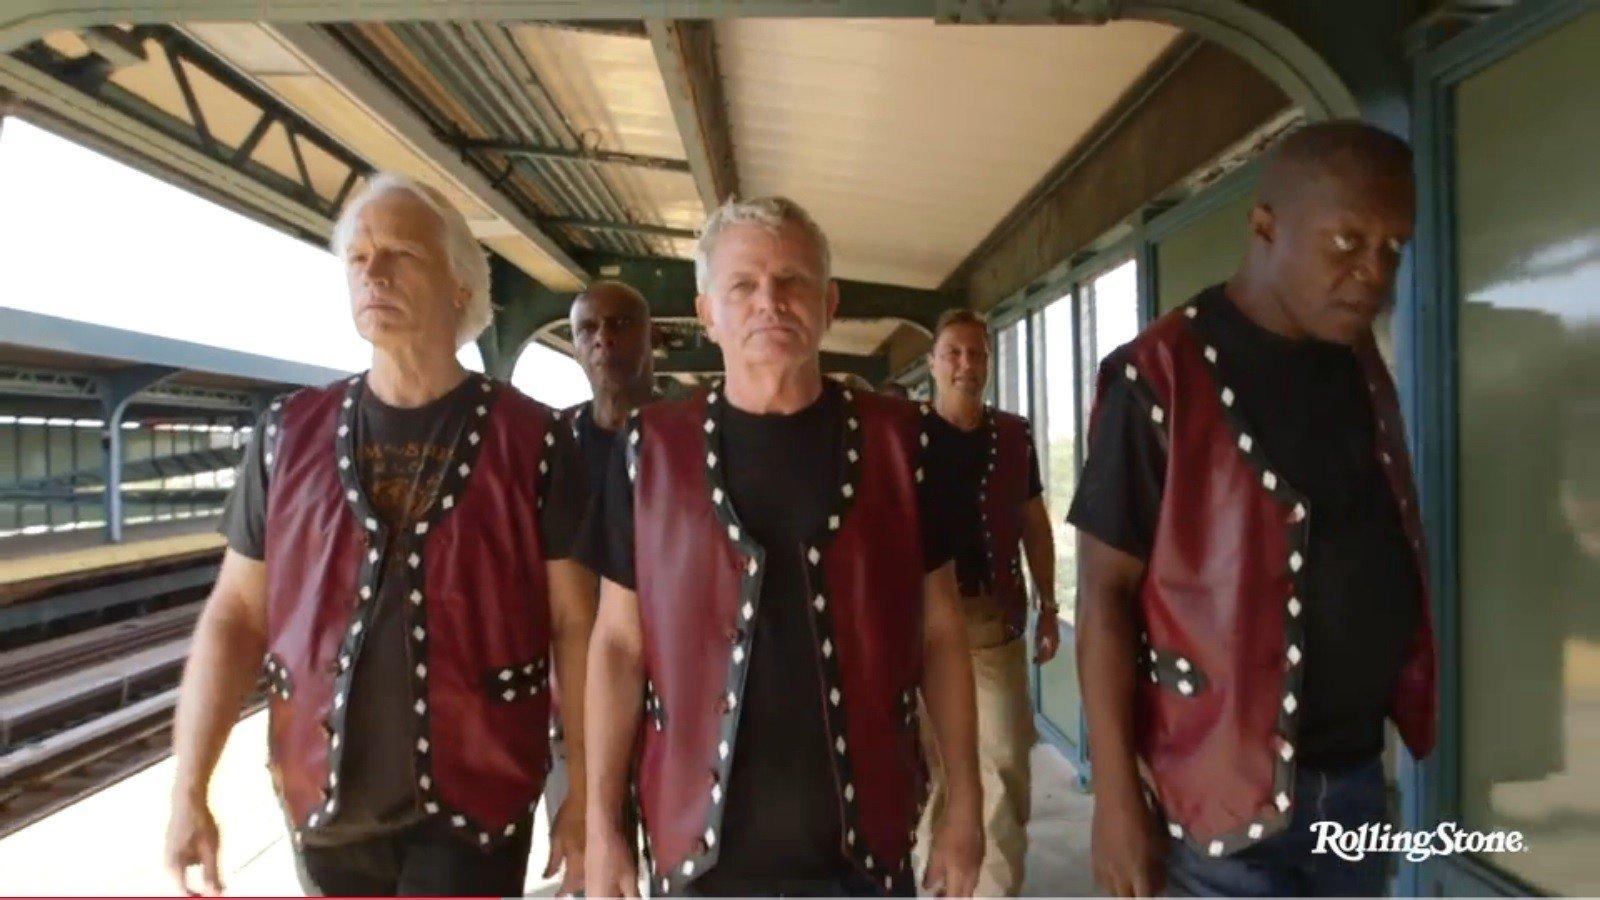 The Warriors recrean unas secuencias de la película 36 años después